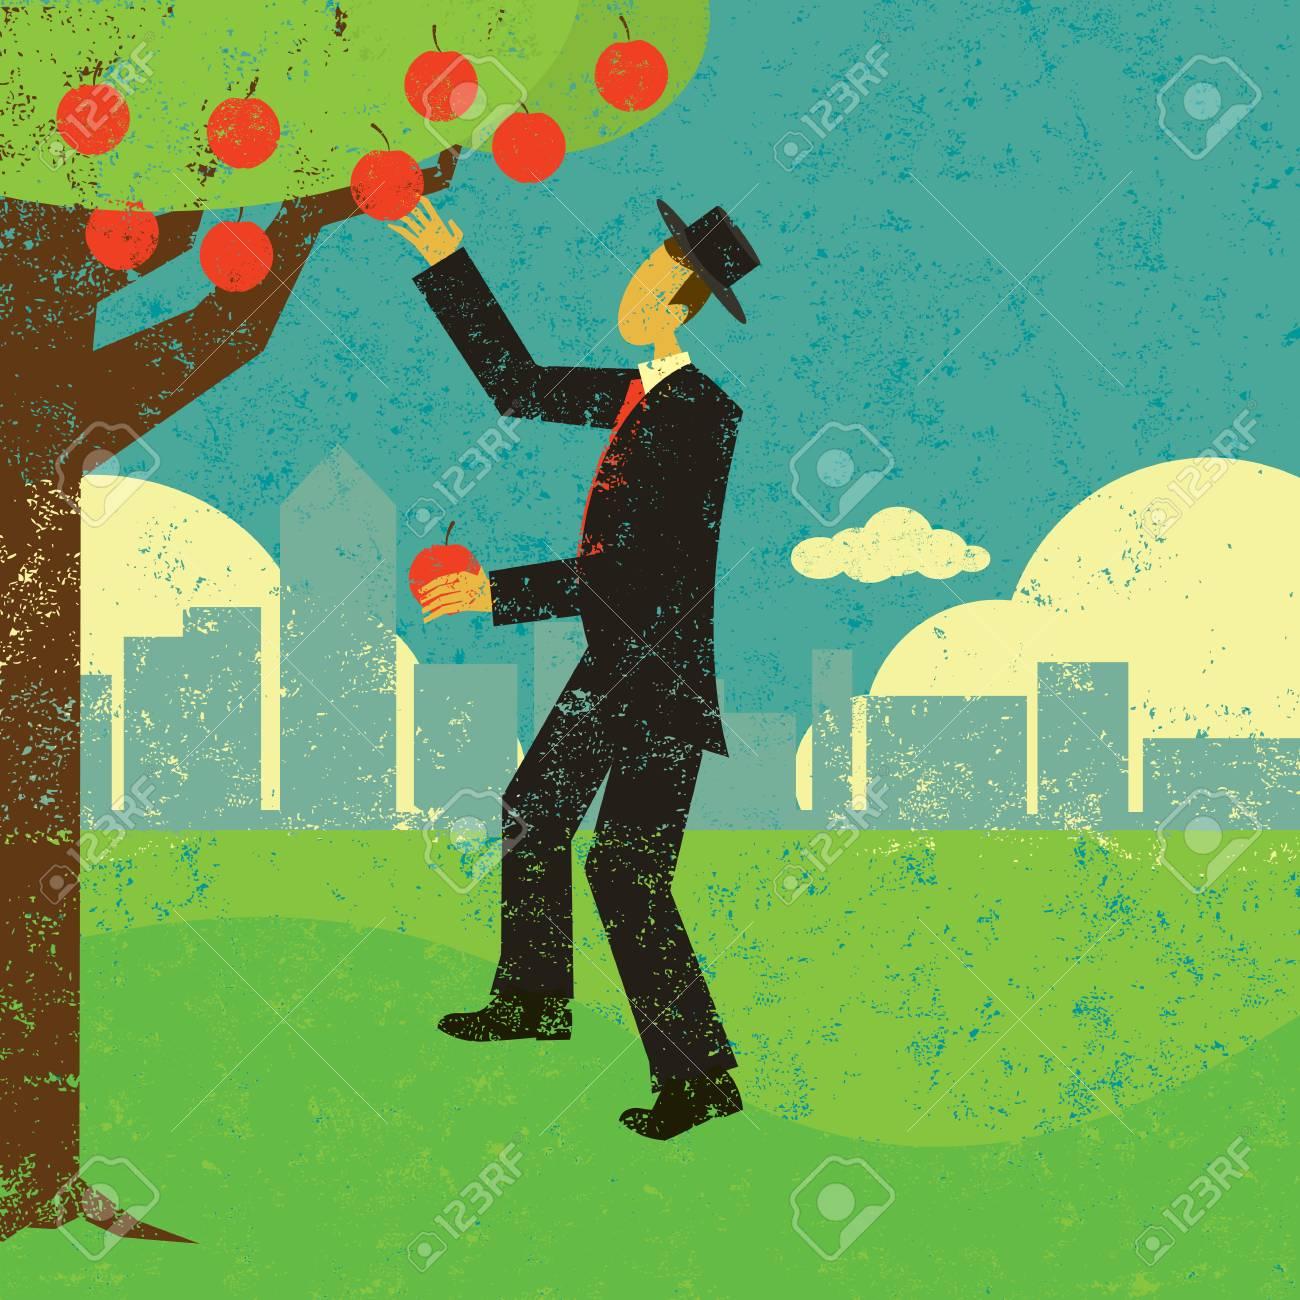 Picking the low hanging fruit banner design - 100999281